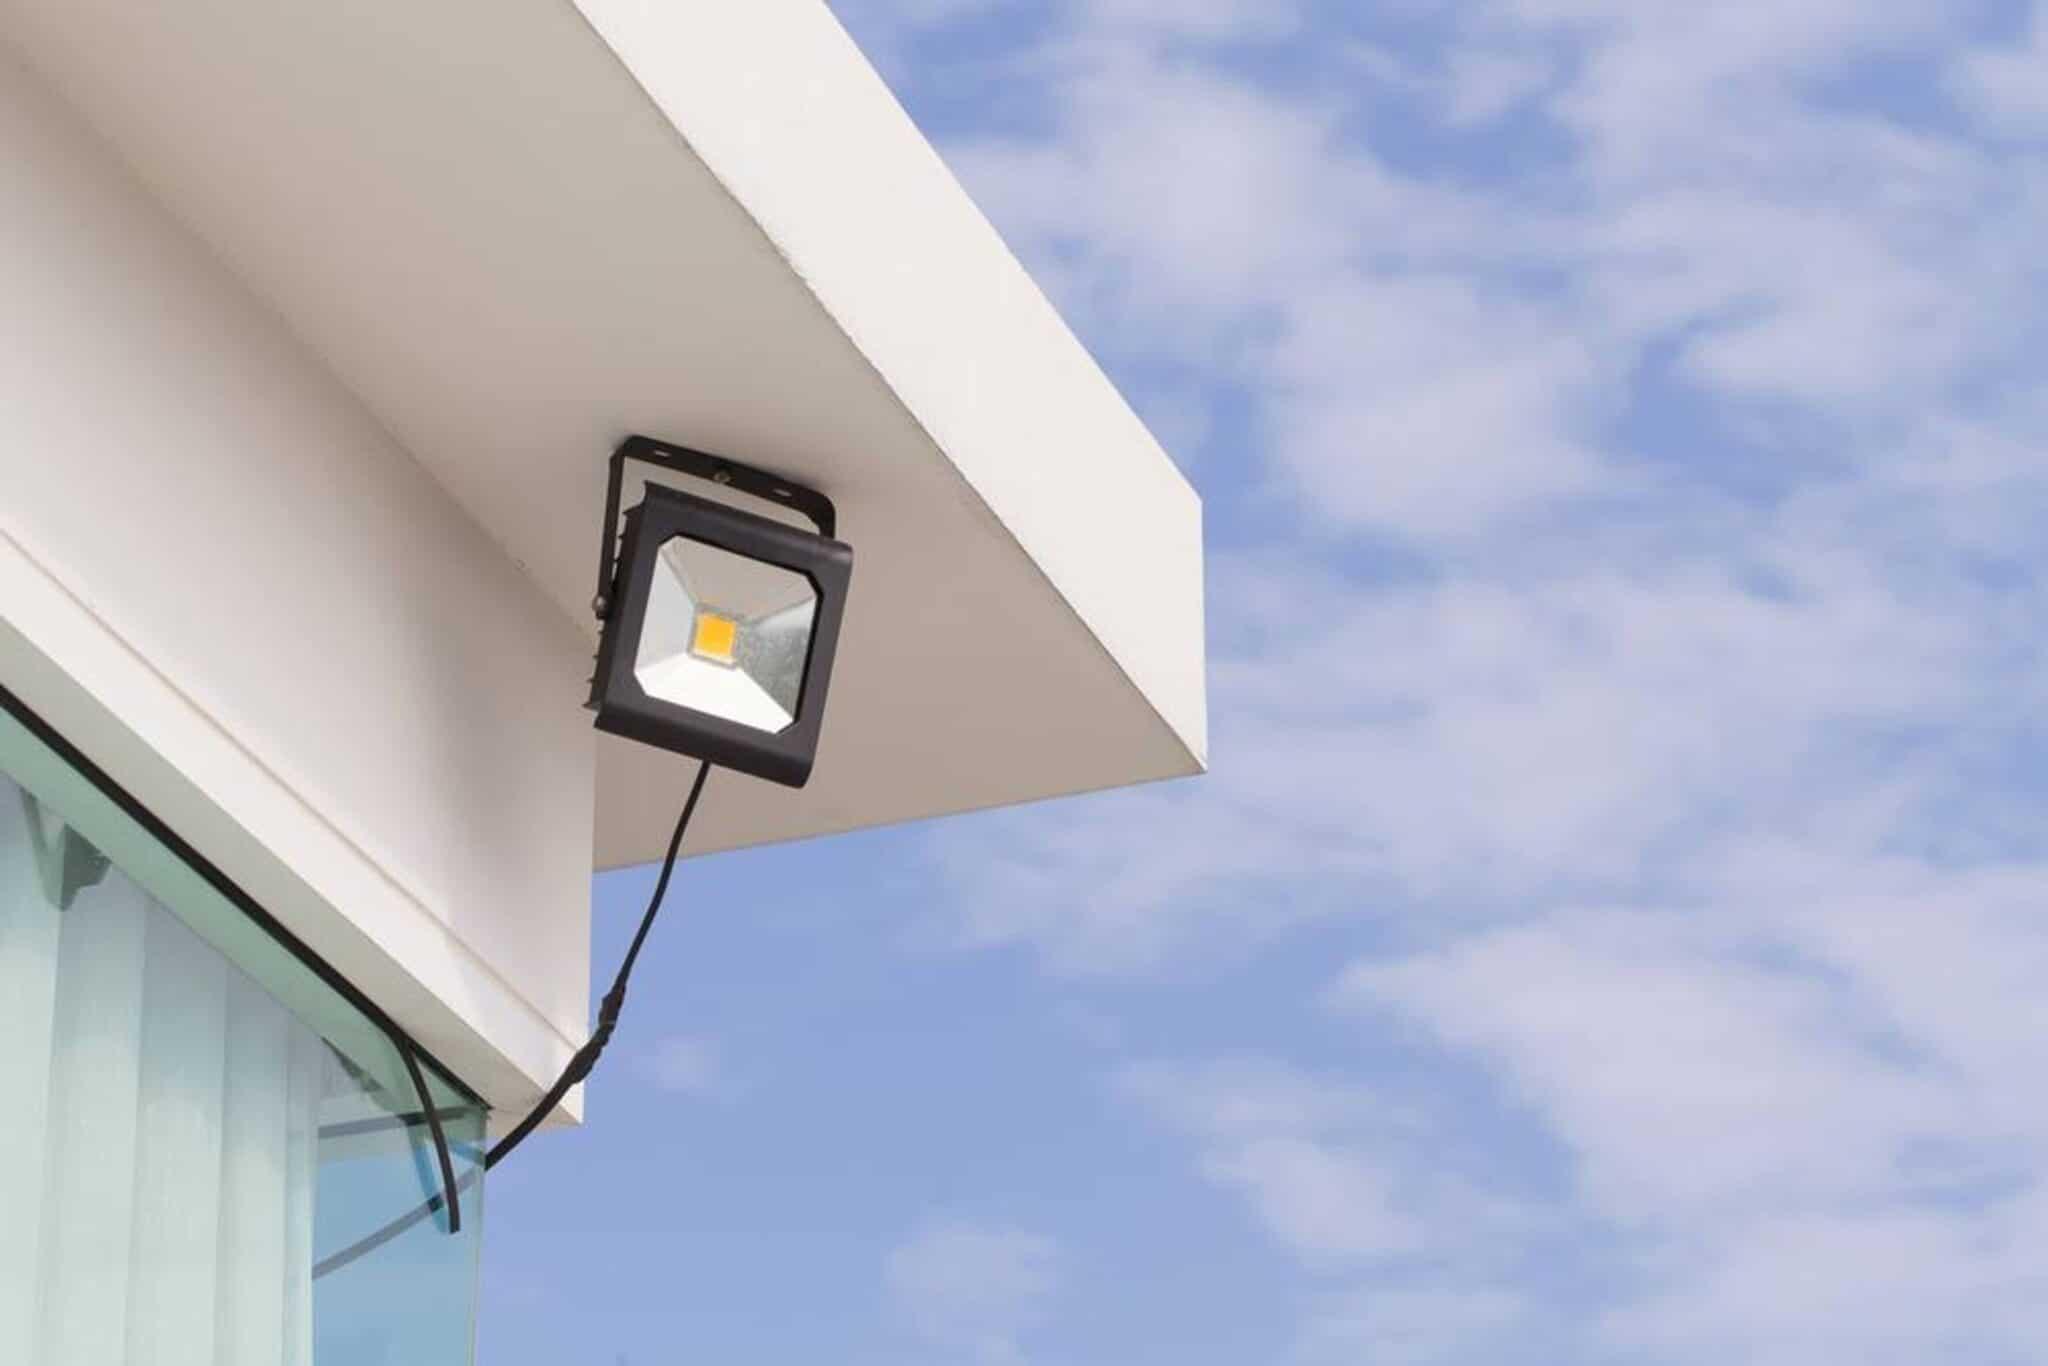 led, lampade, luce, illuminazione, consumi, impatto, durata, vantaggi, efficienza, tecnologia, proiettori, sensori, interruttori,risparmio, confronto, Energy Close-up Engineering